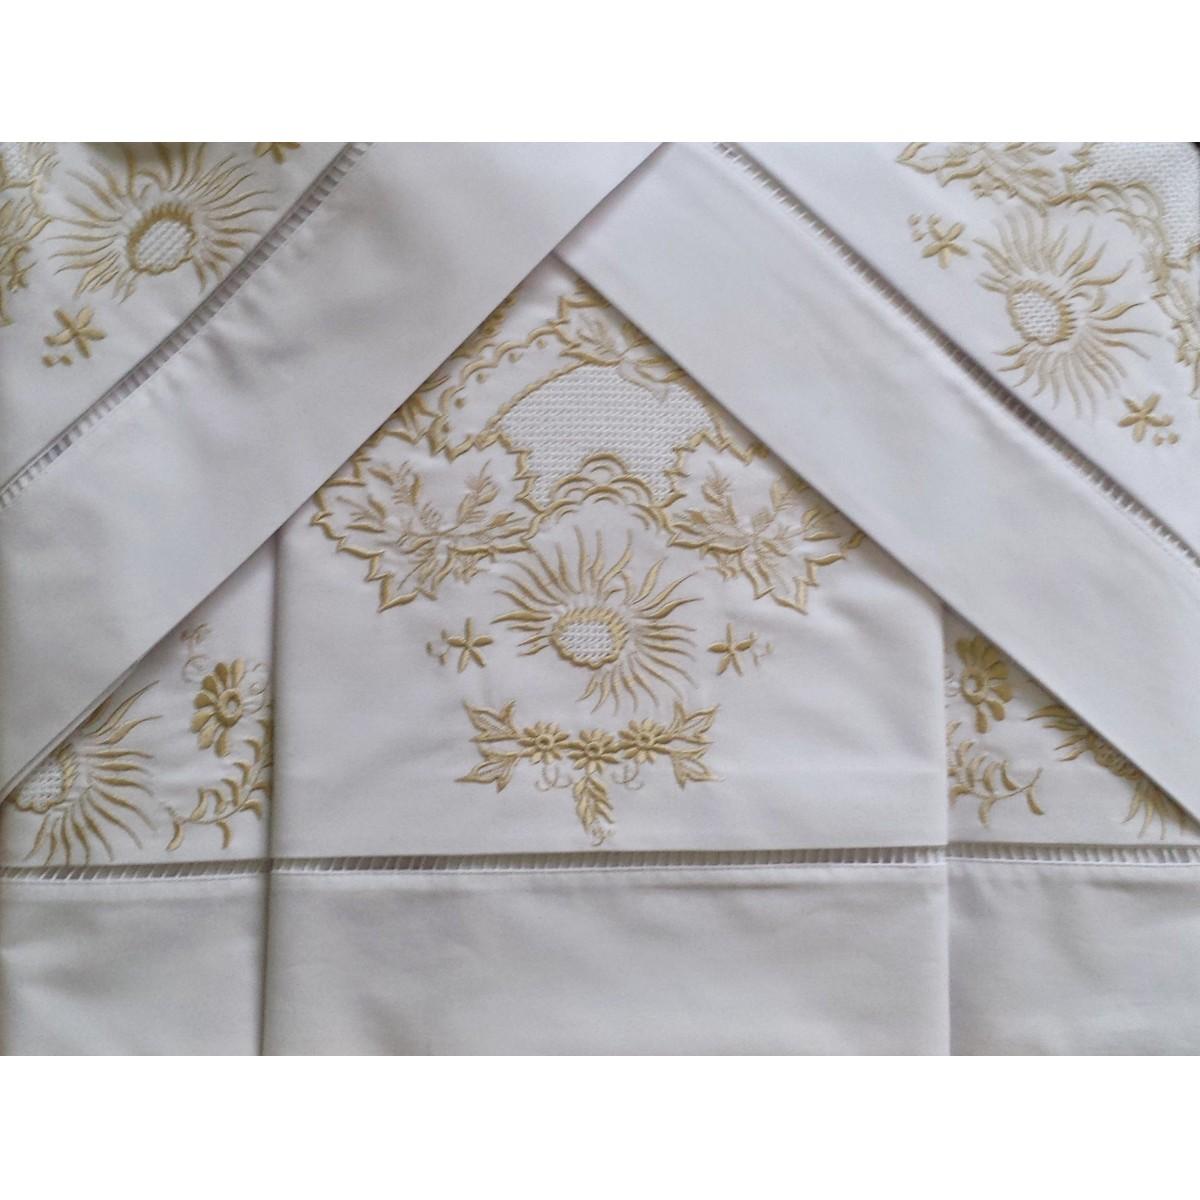 Roupa de cama Bordado Ilha da Madeira cor Branco/Perola  - Helô Reis